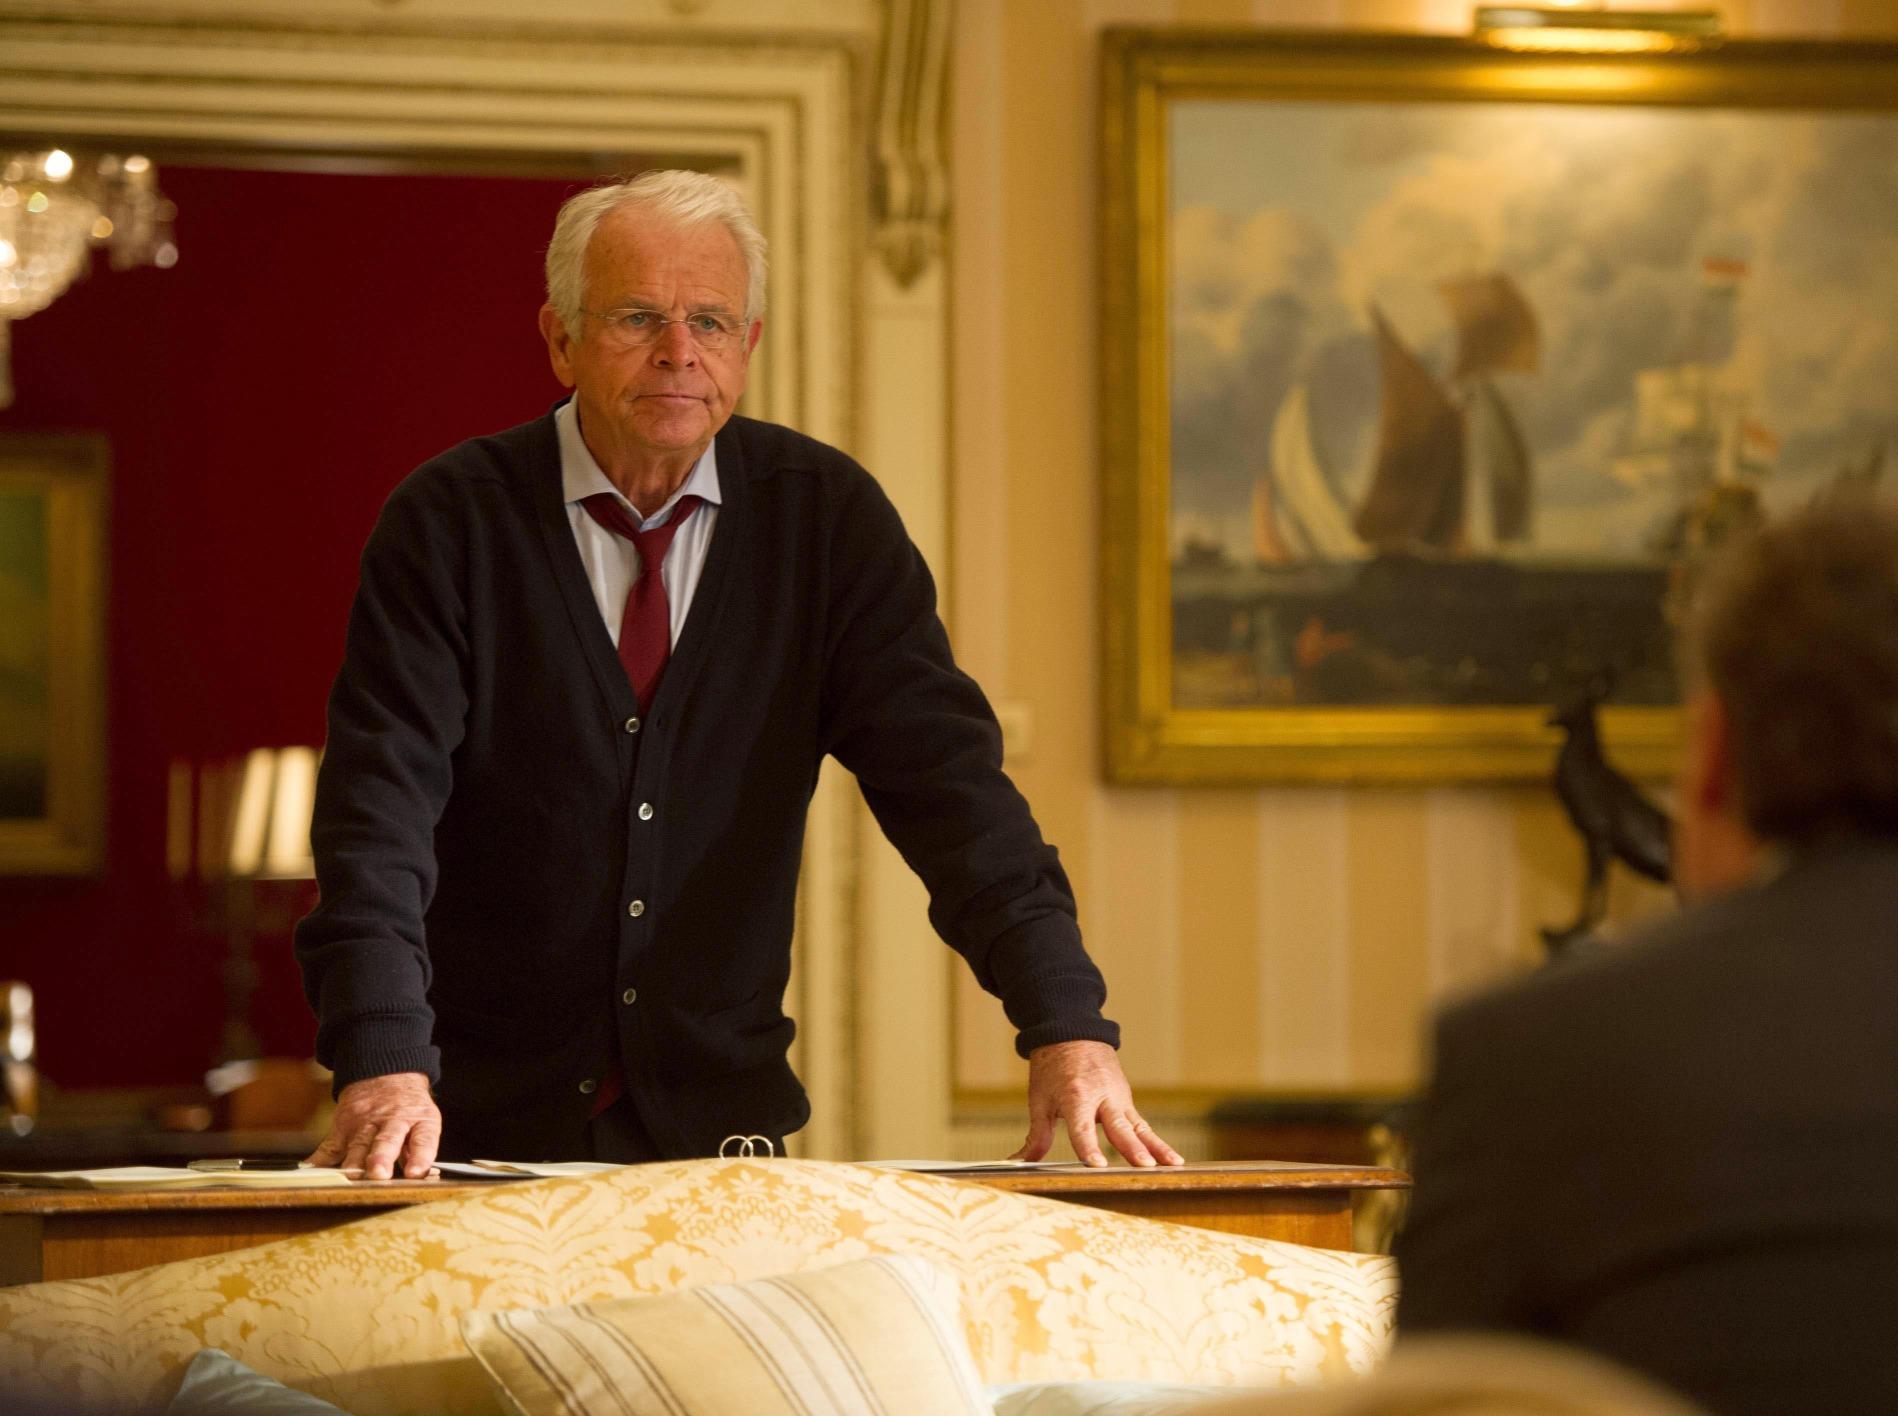 William Devane as President James Heller.